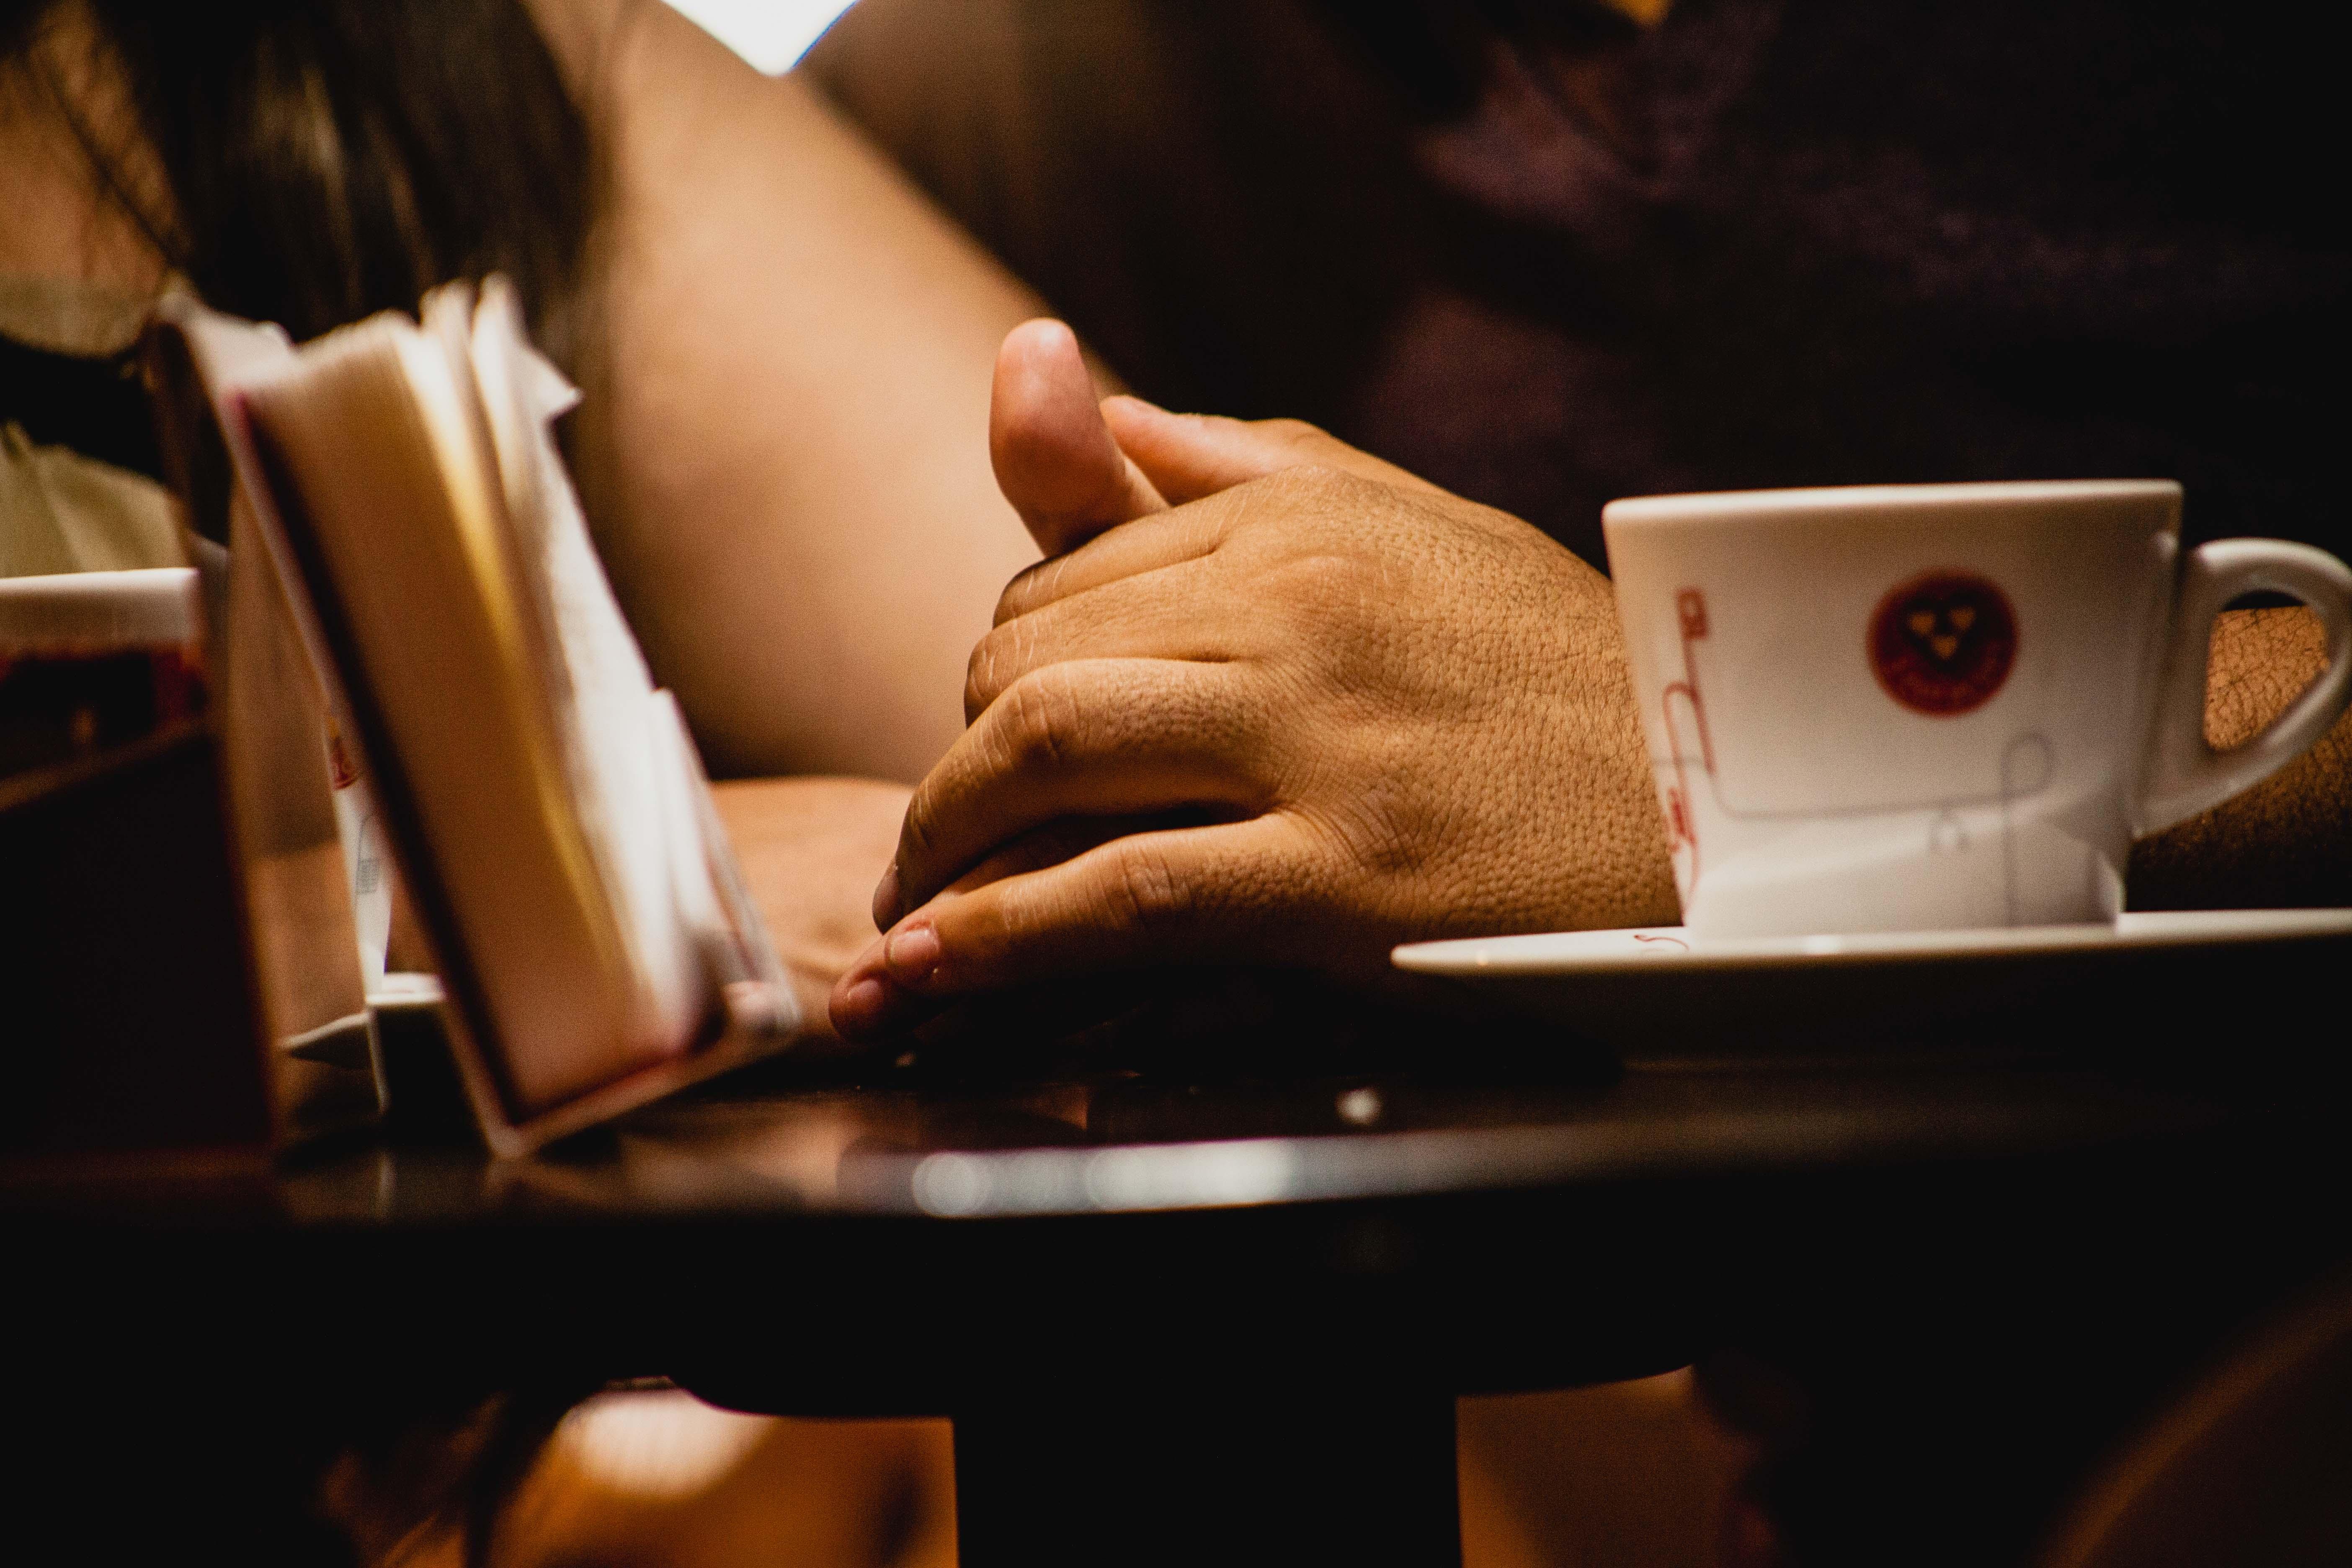 Hand Person Kaffee Liebe Romantisch Zuneigung Hände Details Leidenschaft  Casal Valentinstag Brasilien Sinn